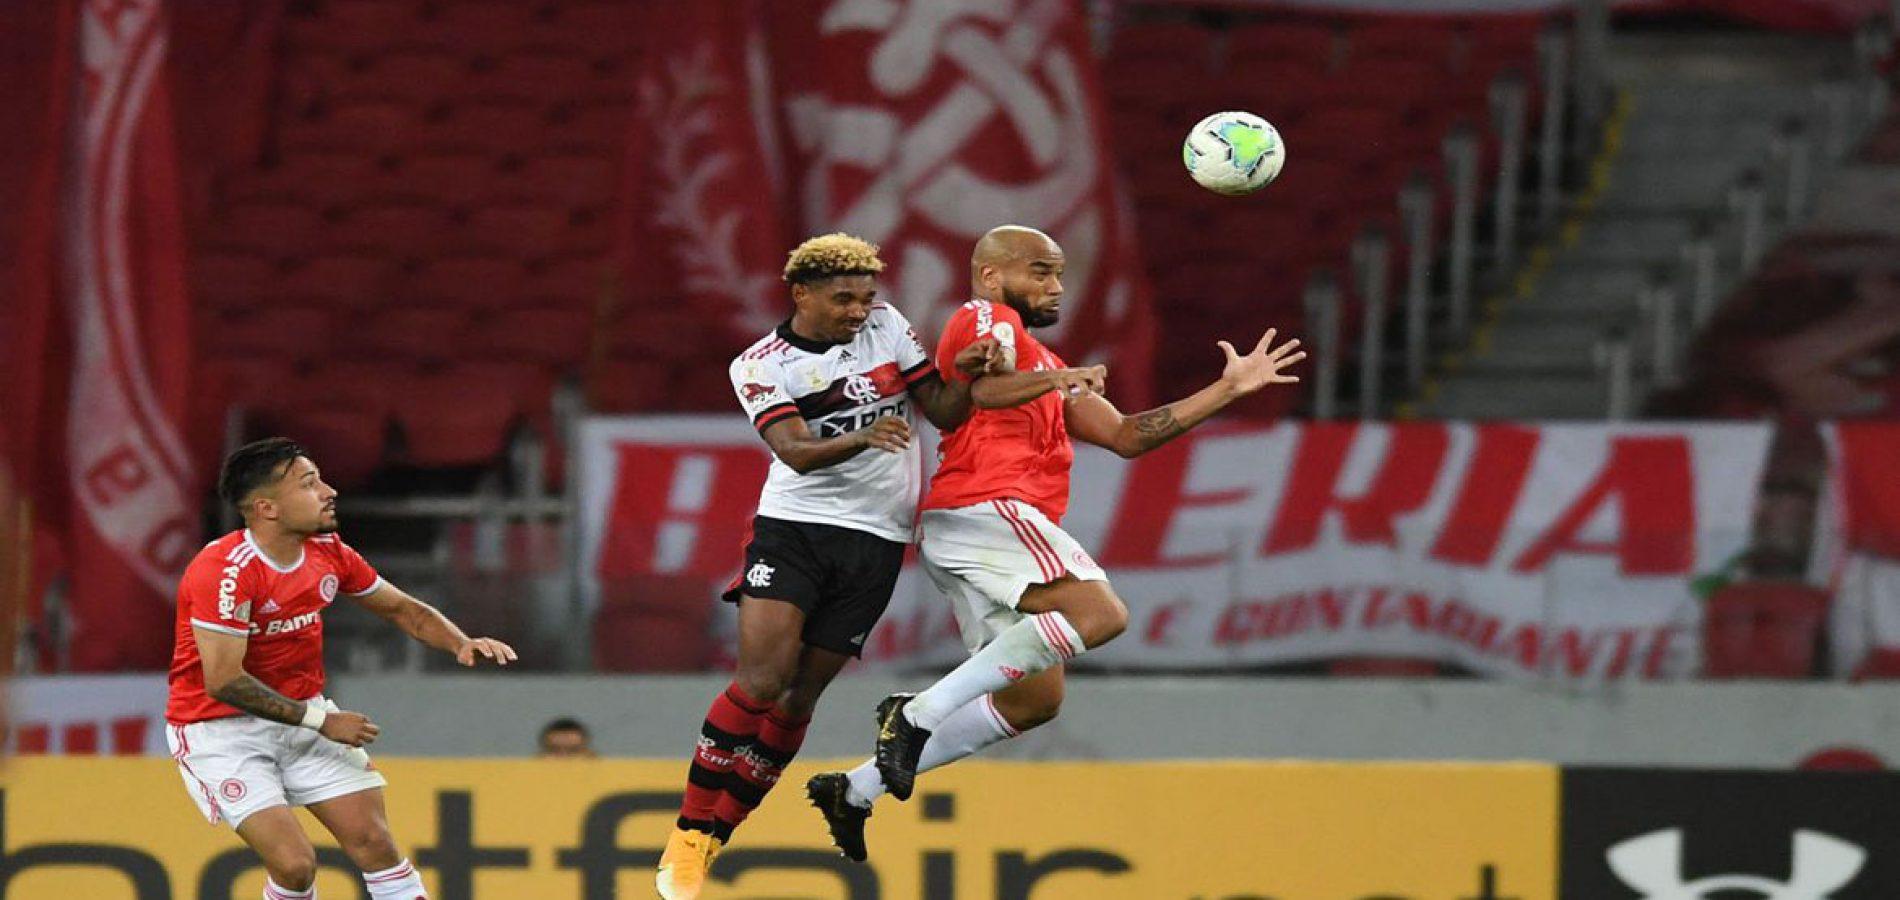 Brasileiro: Internacional e Flamengo fazem jogo decisivo no Maracanã